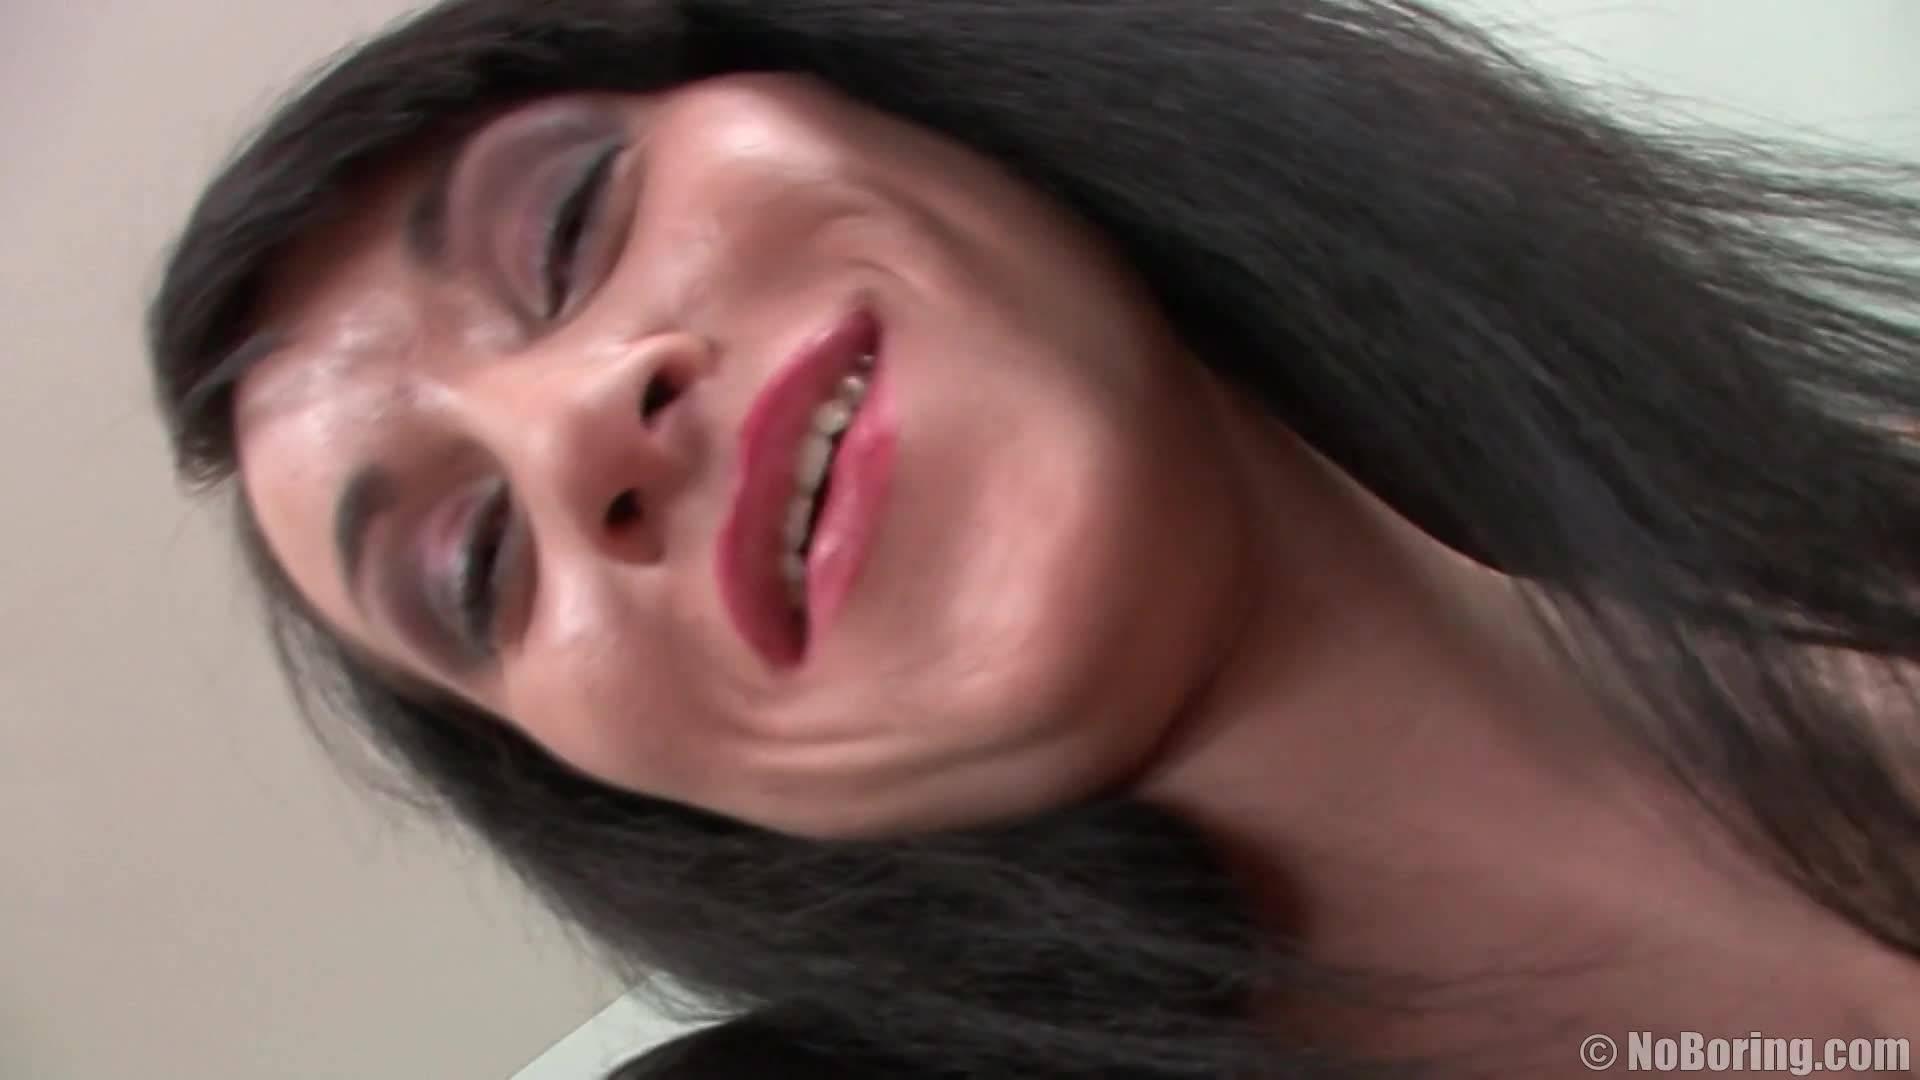 Опытная милфа пришла на порно кастинг и успешно прошла отбор